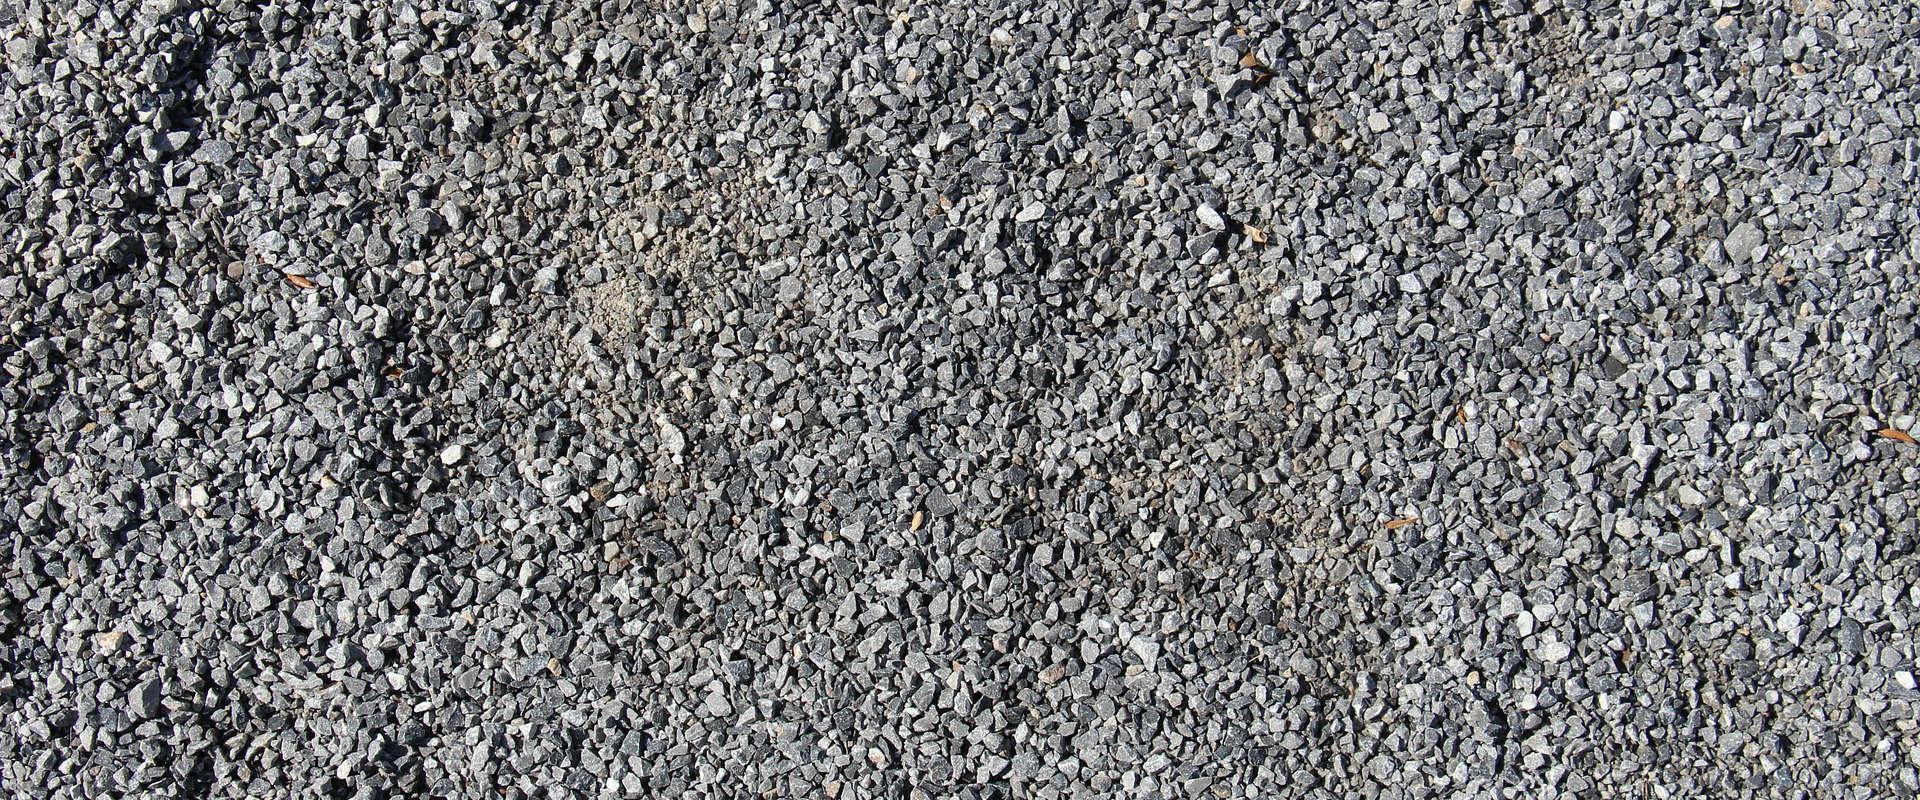 Prix pour livraison de sable, gravier et terre